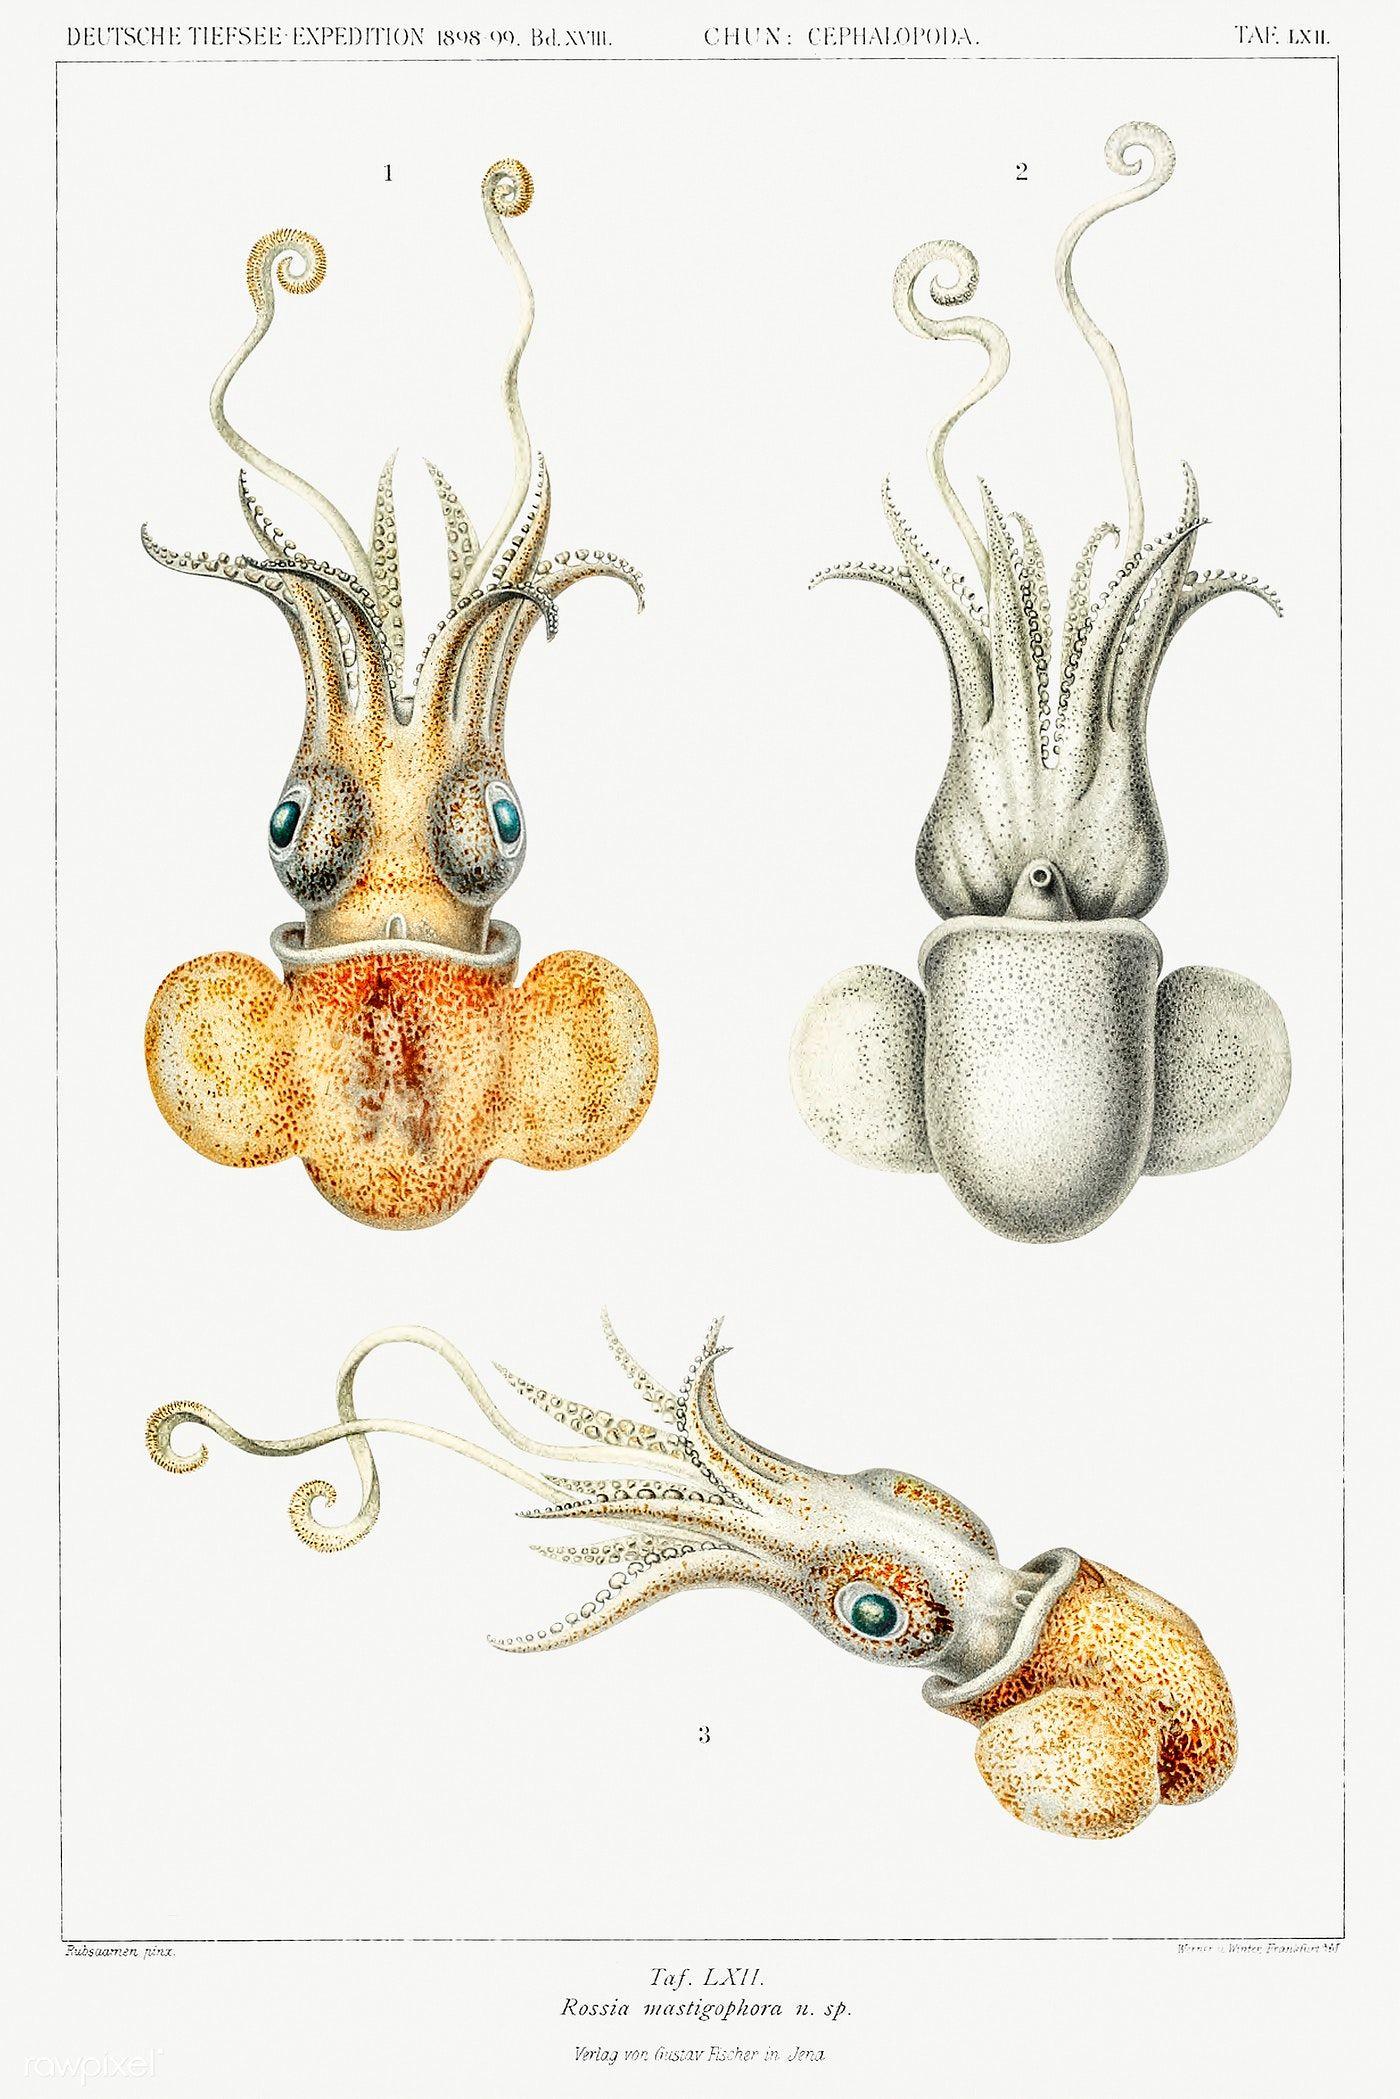 Bobtail squid illustration from Deutschen Tiefsee